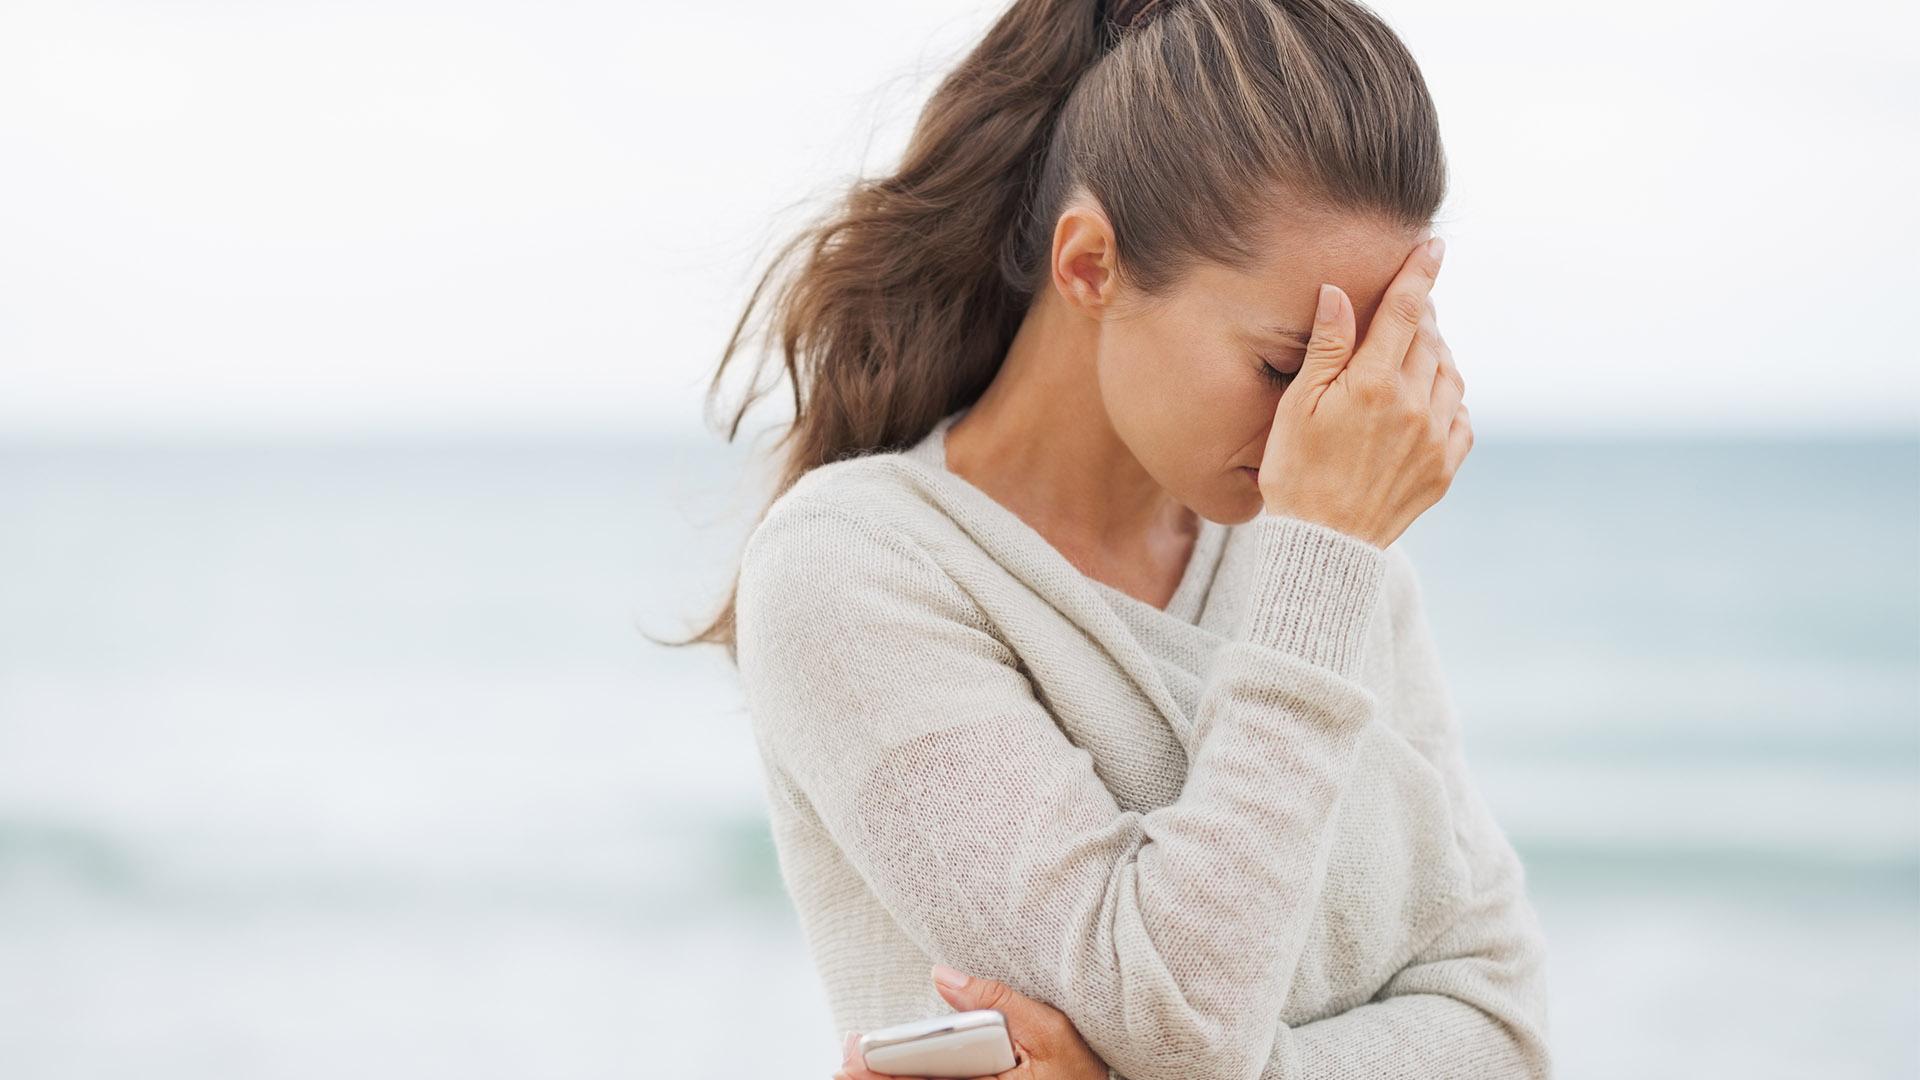 aggodalom csőlátásmód egészségügyi gondok élettapasztalatok katasztrófagondolkodás negatív attitűd önsorsrontó mechanizmus pszichológiai tanács pszichológiai tanácsadó stressz szorongás szurovecz kitti villányi gergő